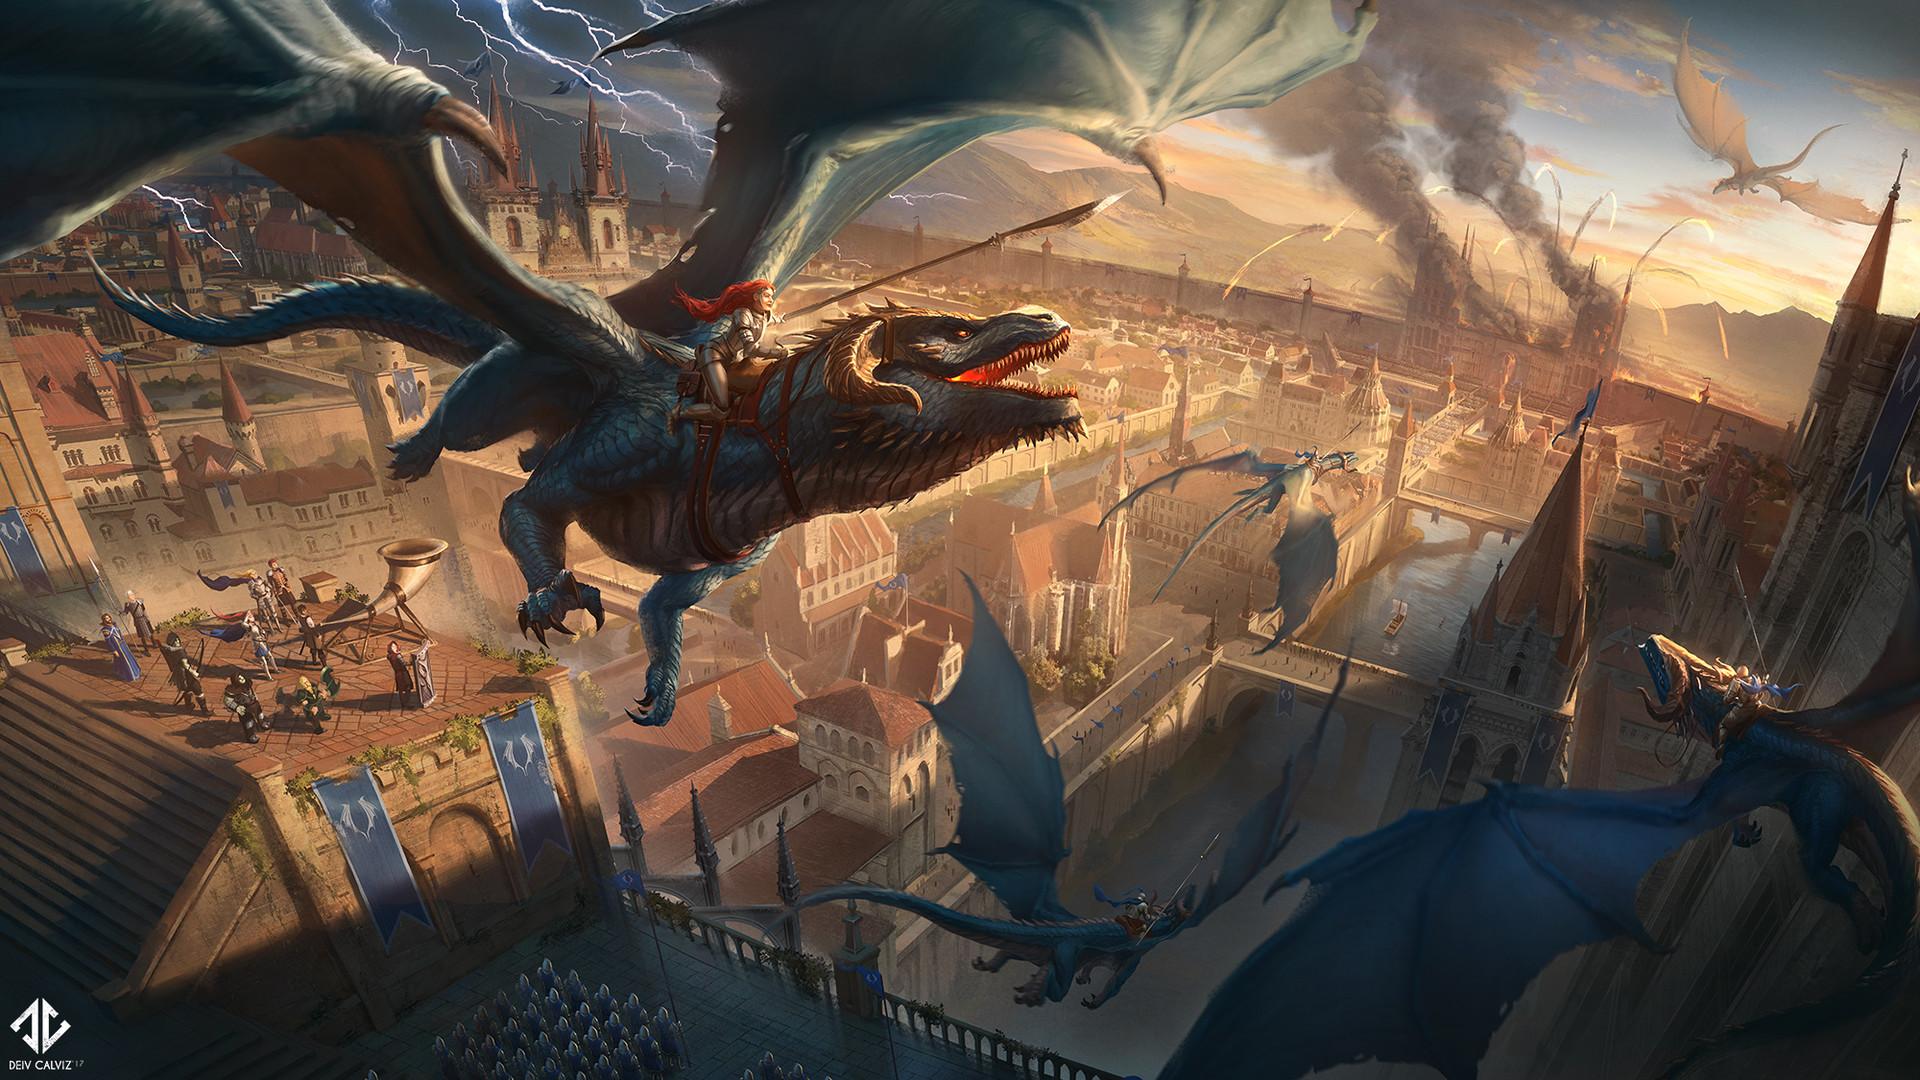 Hd Baby Girl Wallpapers 1080p Artstation Dragon Rider Battle Deiv Calviz David Villegas